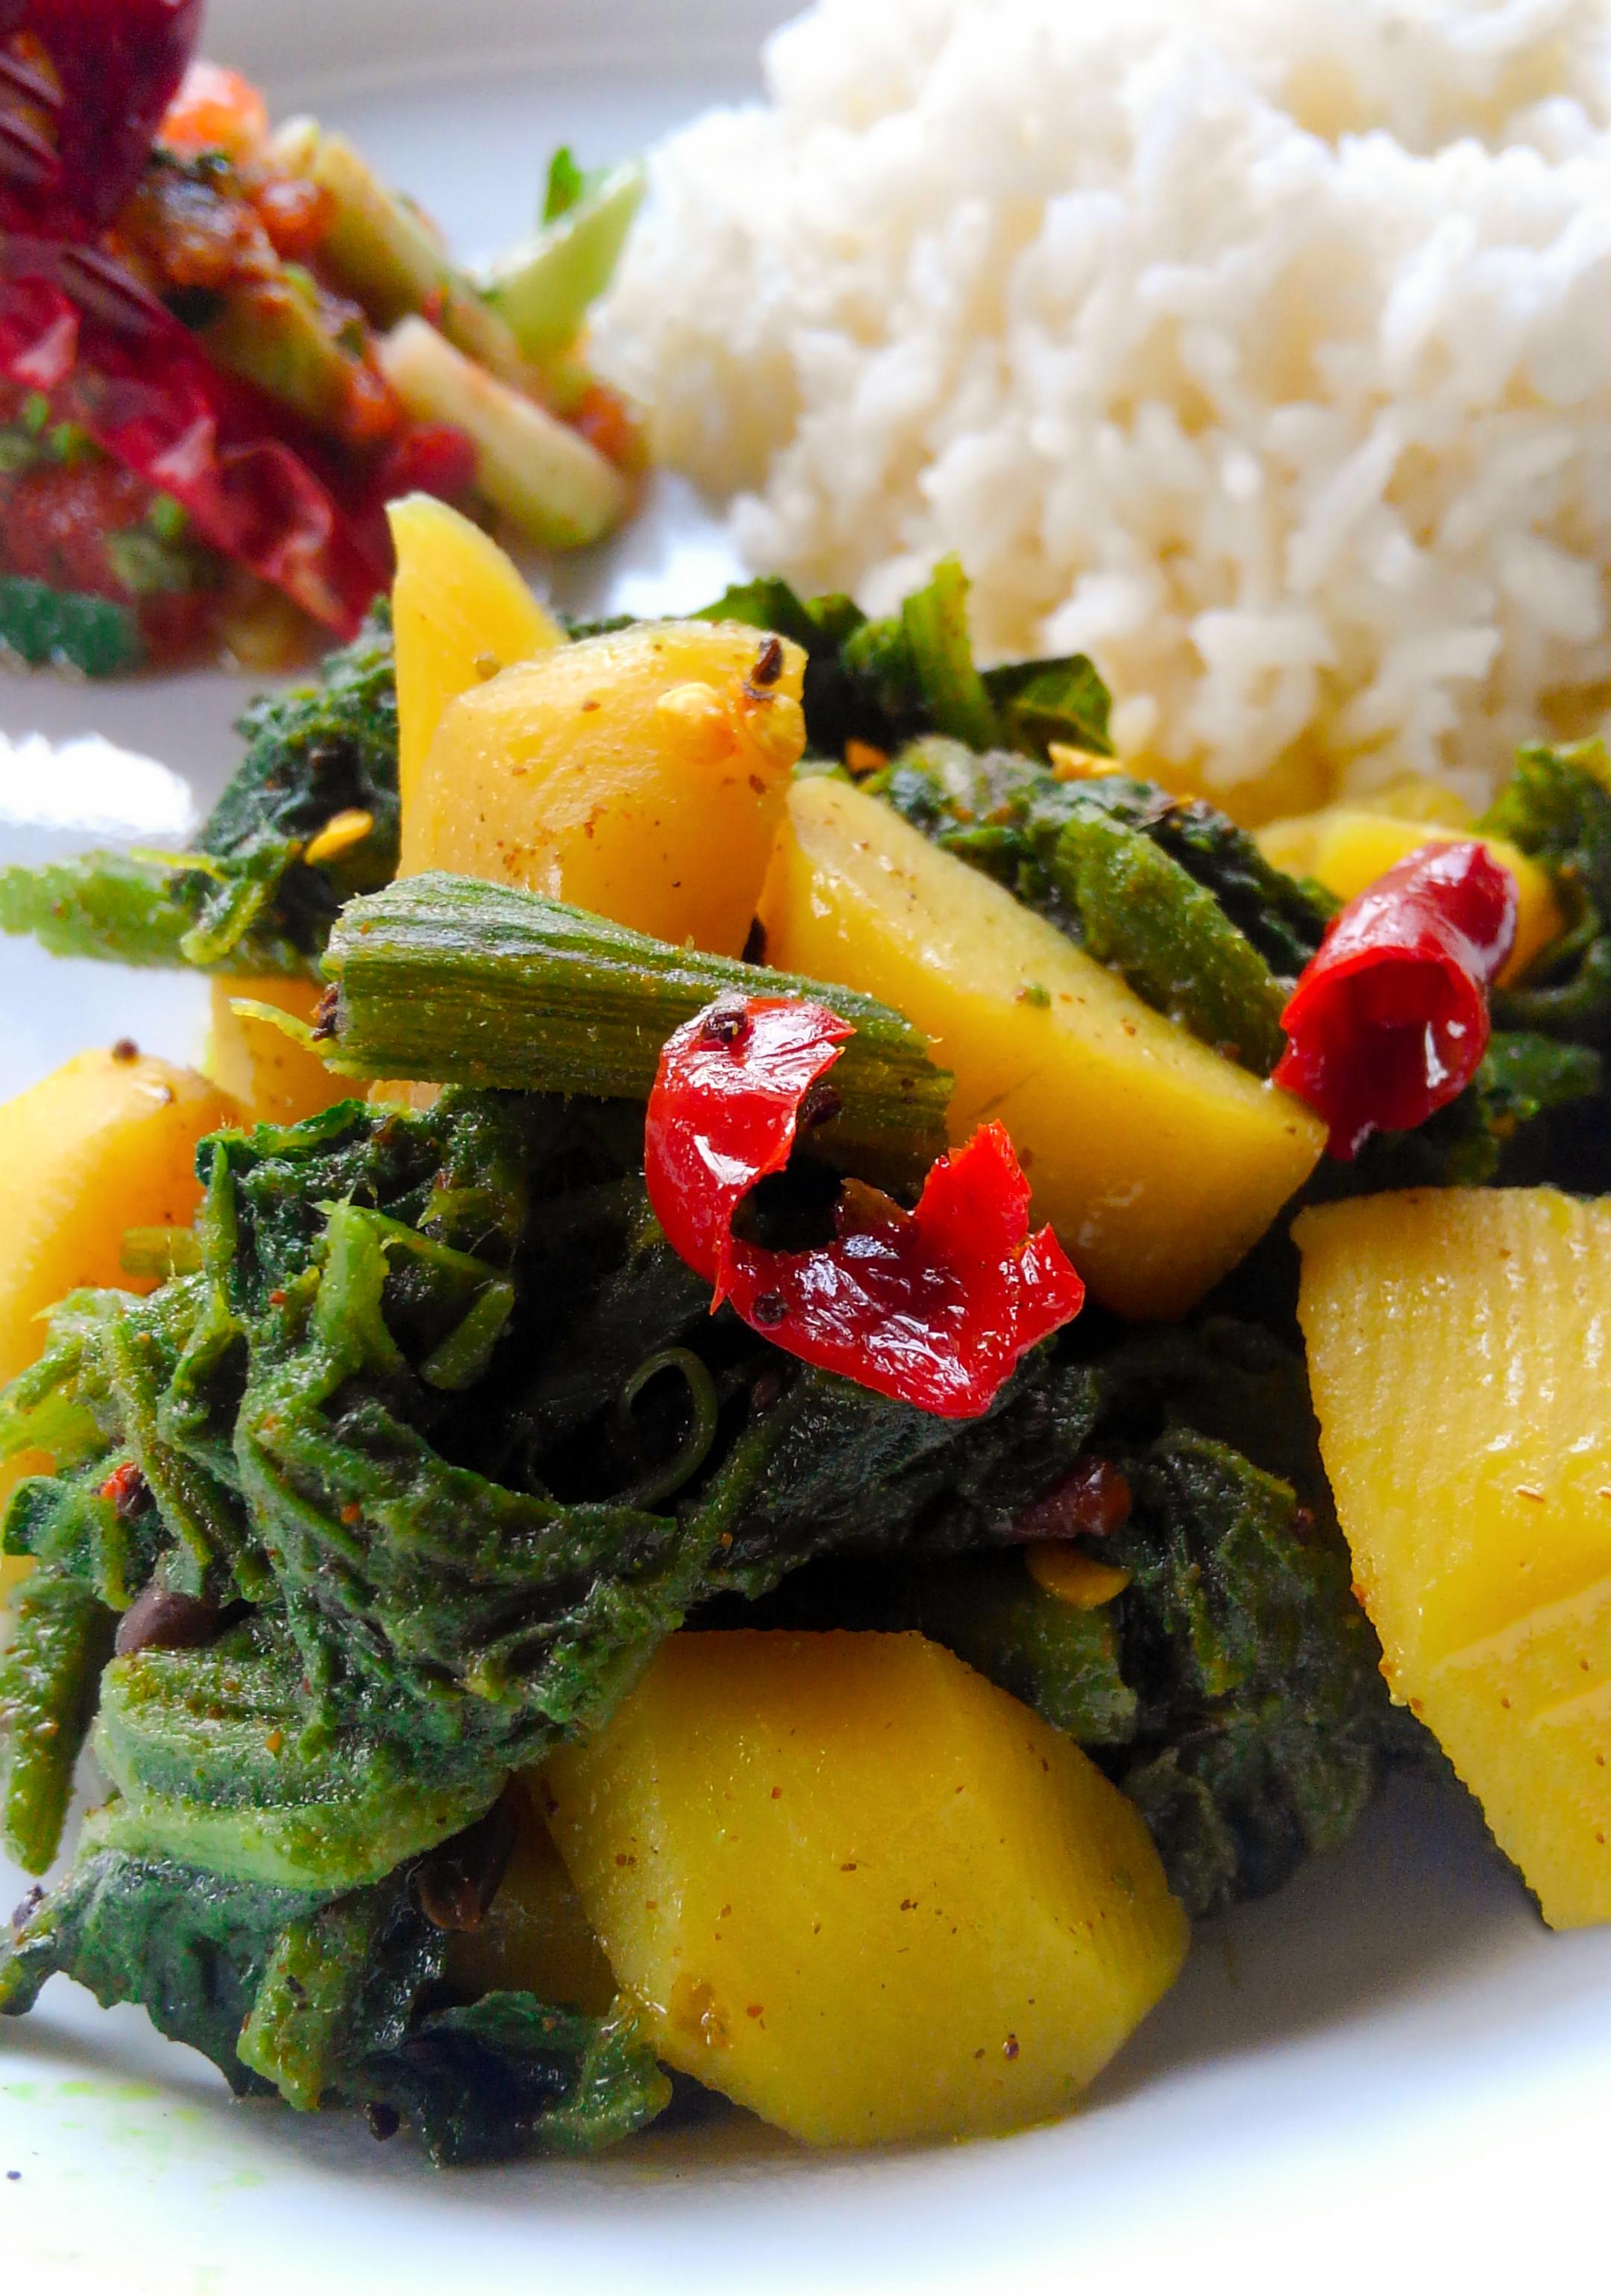 カボチャの葉とジャガイモのタルカリの写真